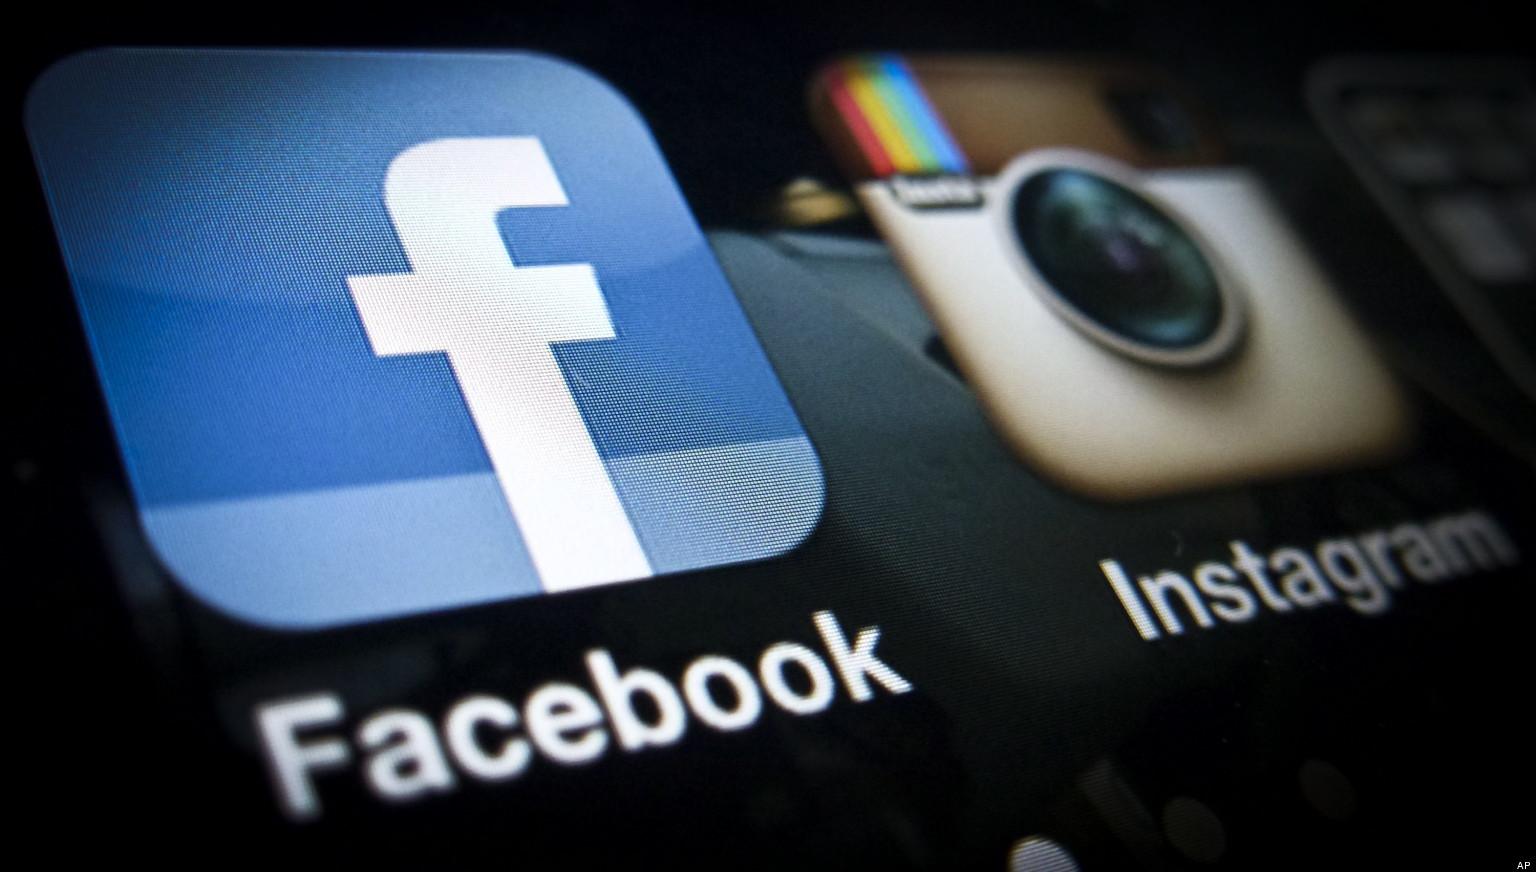 Социальная сеть Facebook начал тестировать функцию «сгорающих» публикаций